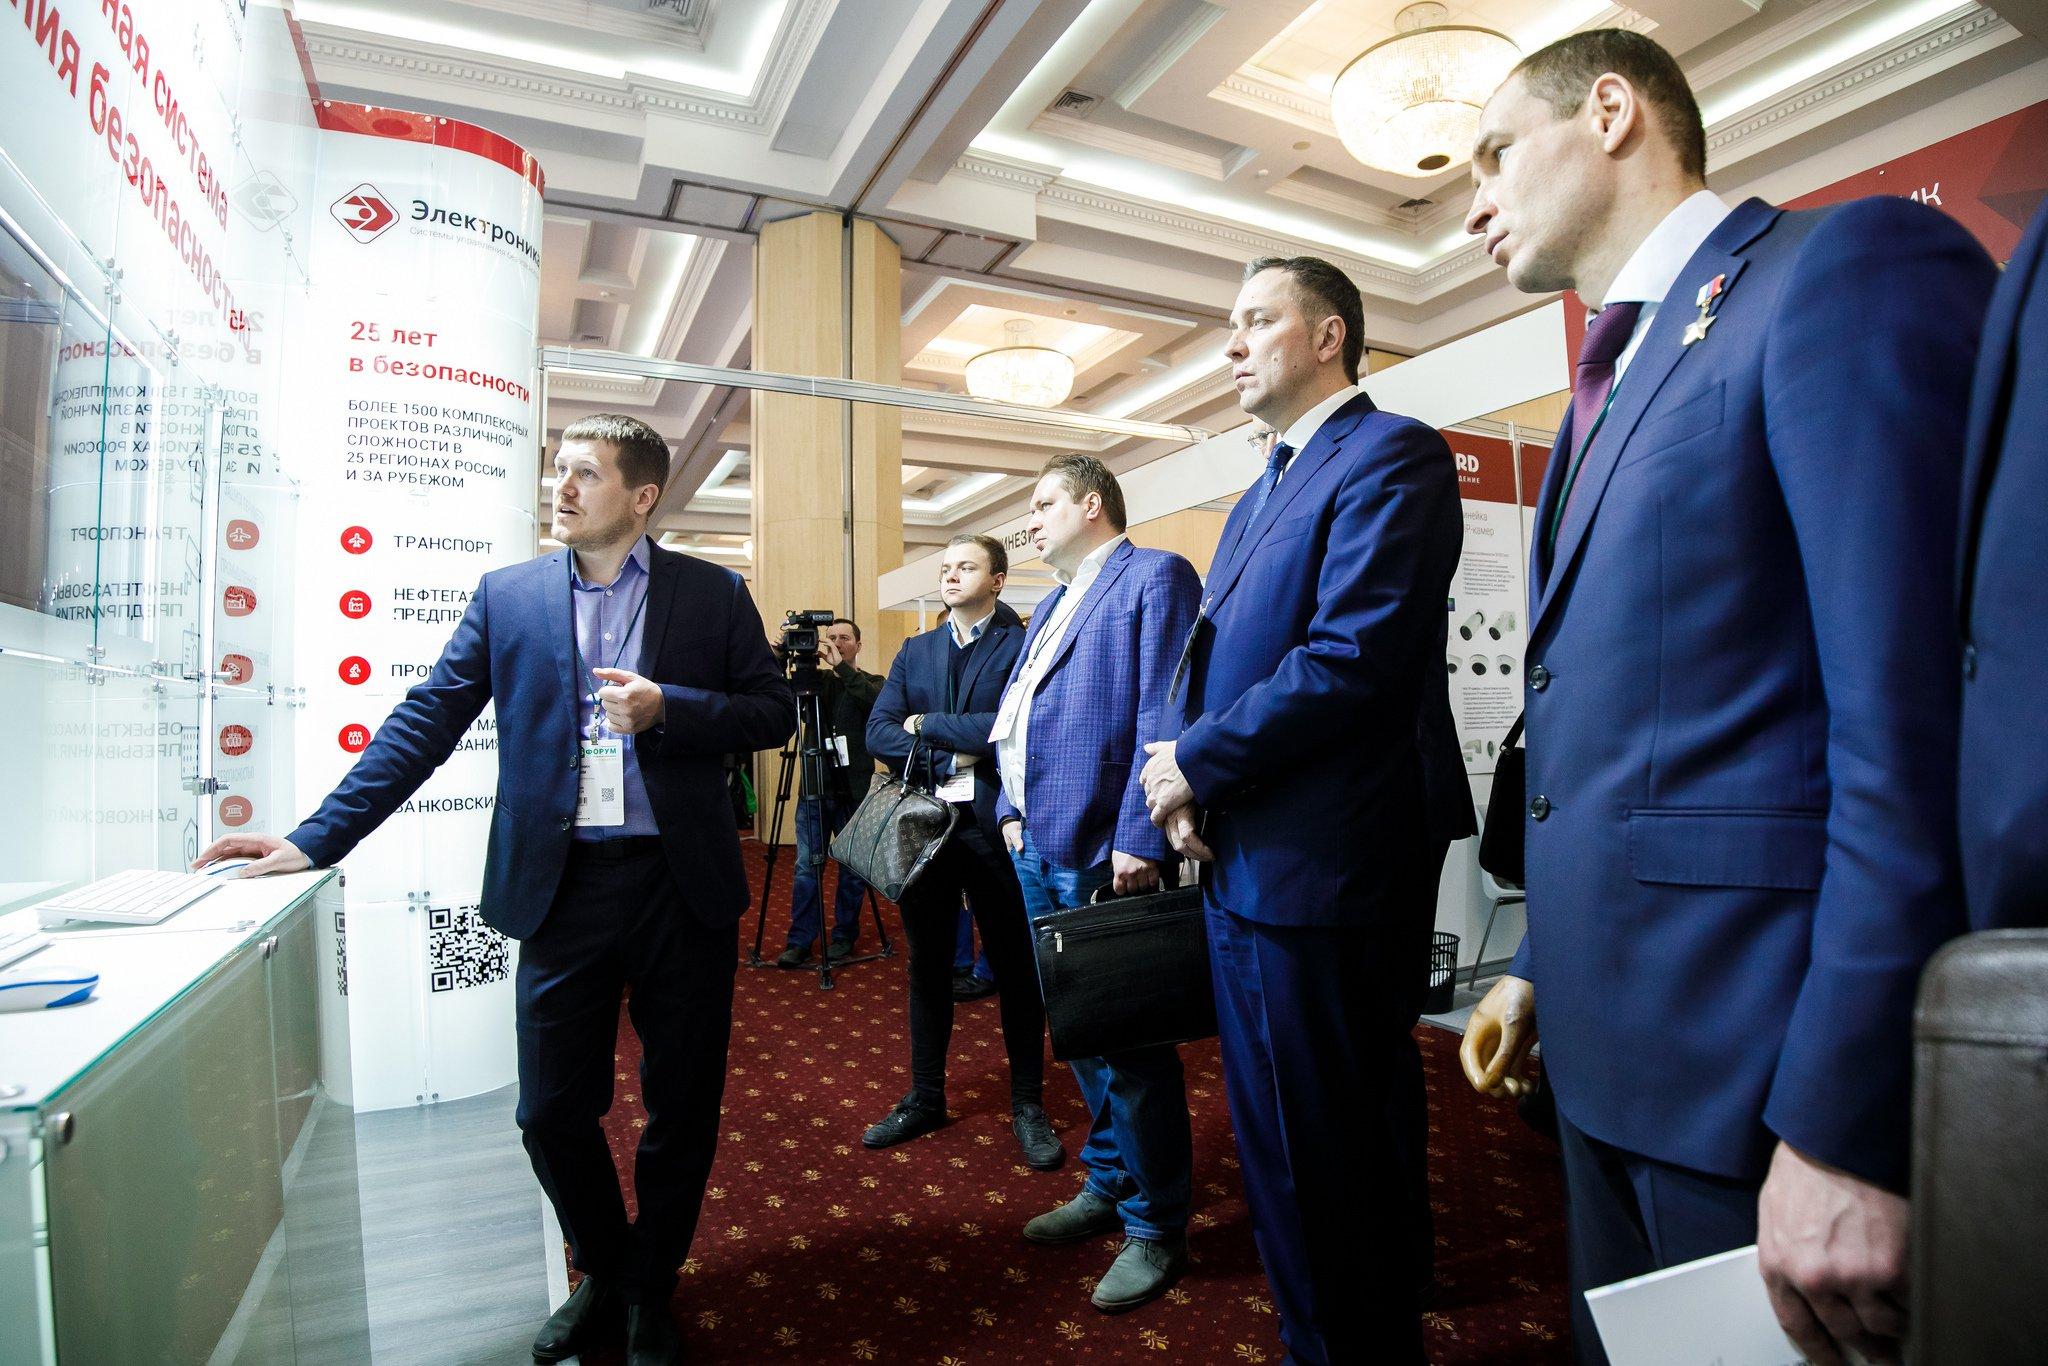 Более 594 млн рублей инвестируют Москва, Ярославль и Хабаровск в обеспечение безопасности мест с массовым пребыванием людей